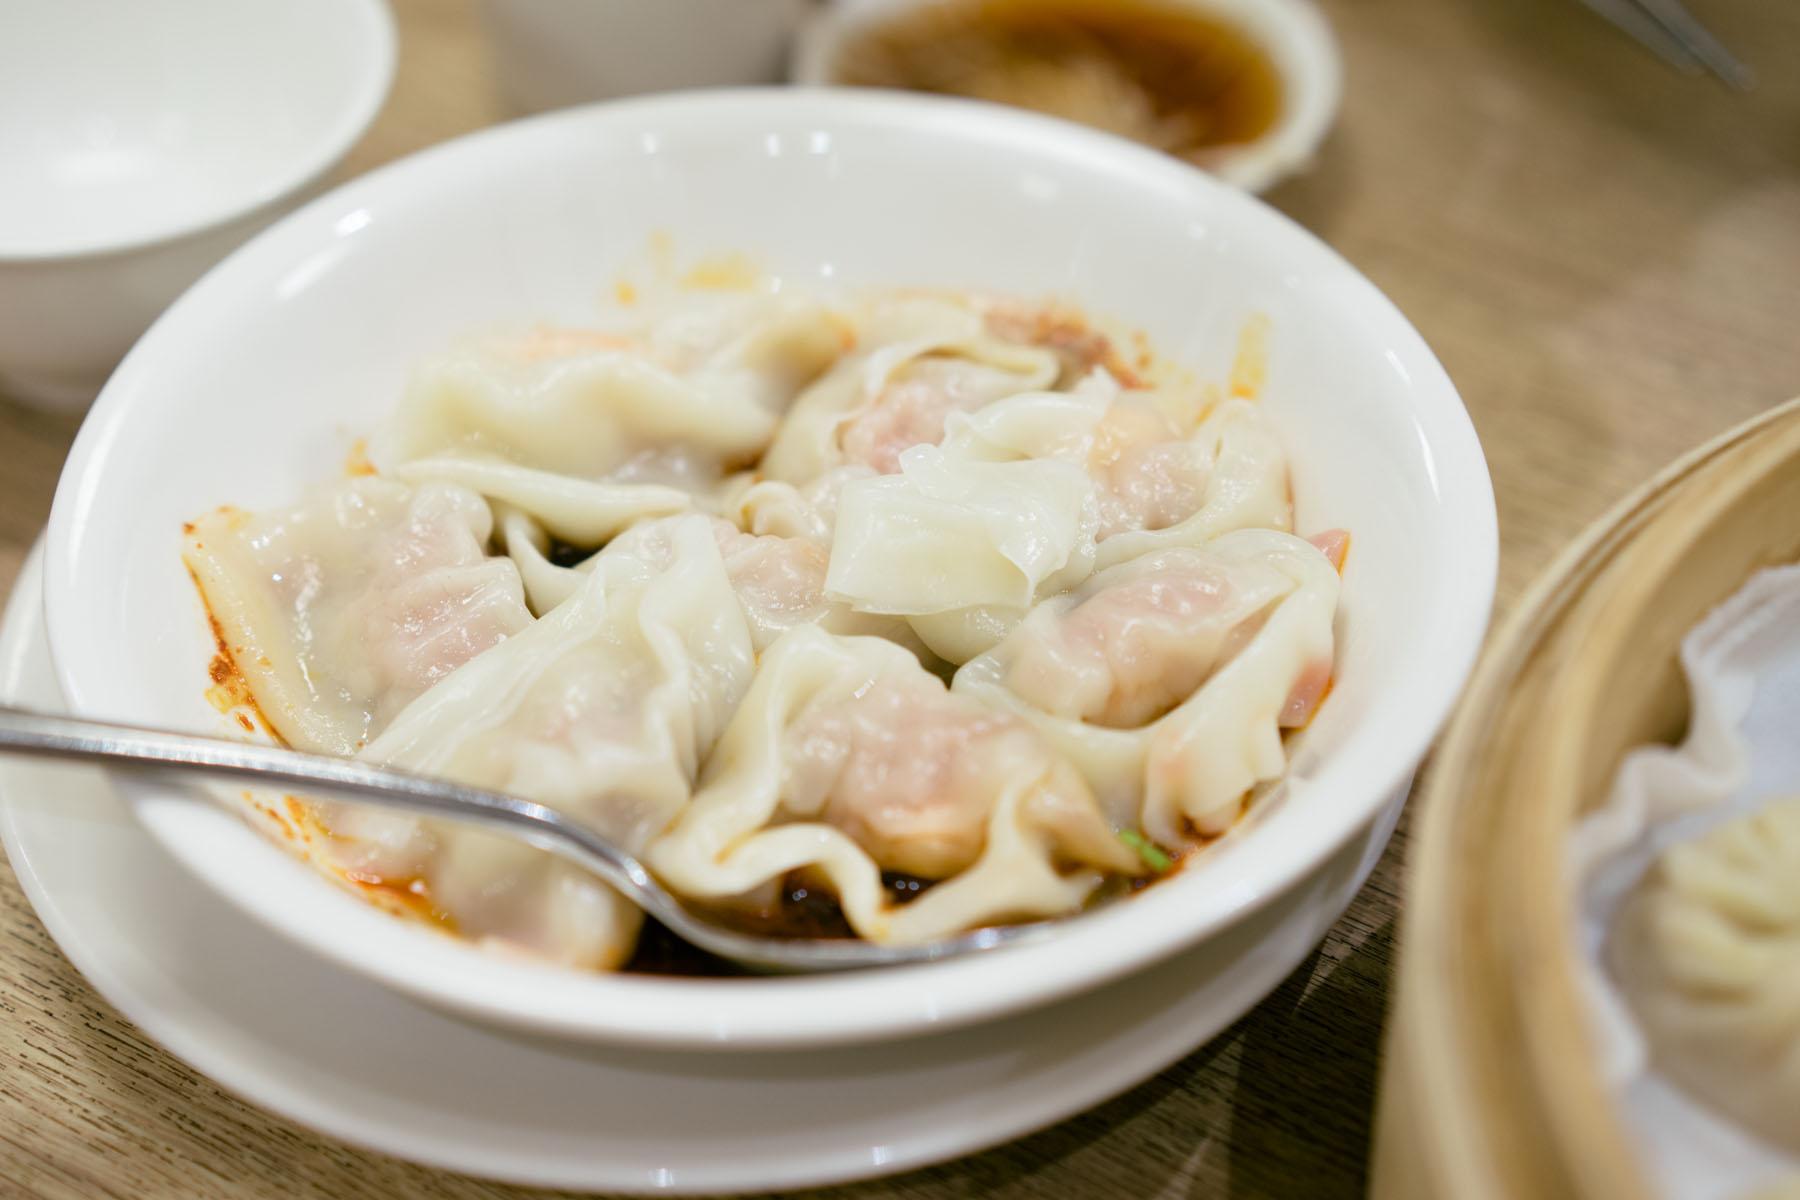 original-din-tai-fung-restaurant-taipei-taiwan-7